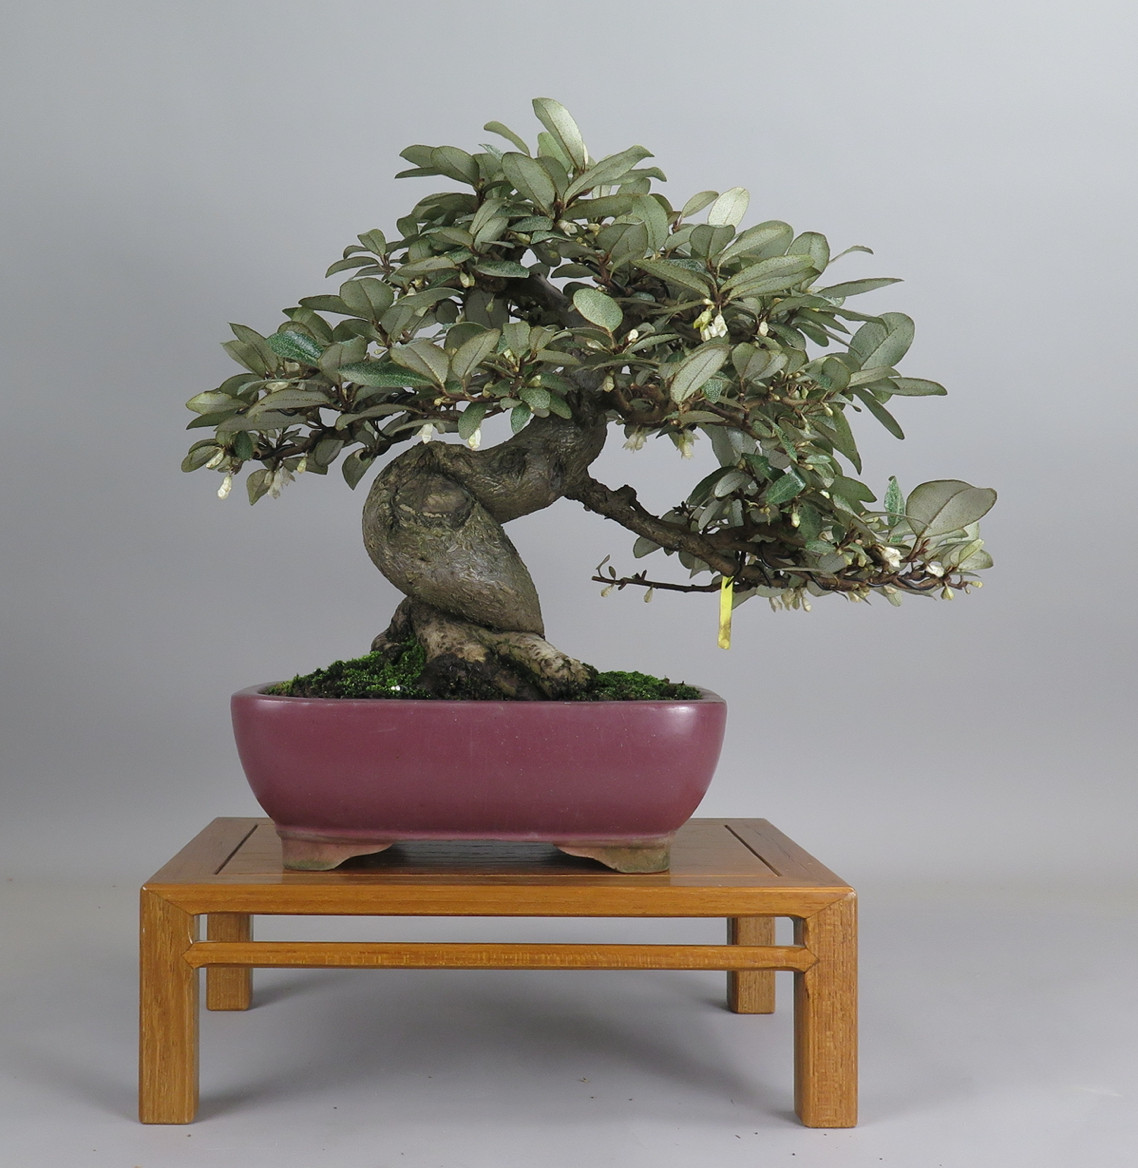 Bonsai de eleagno, espalda